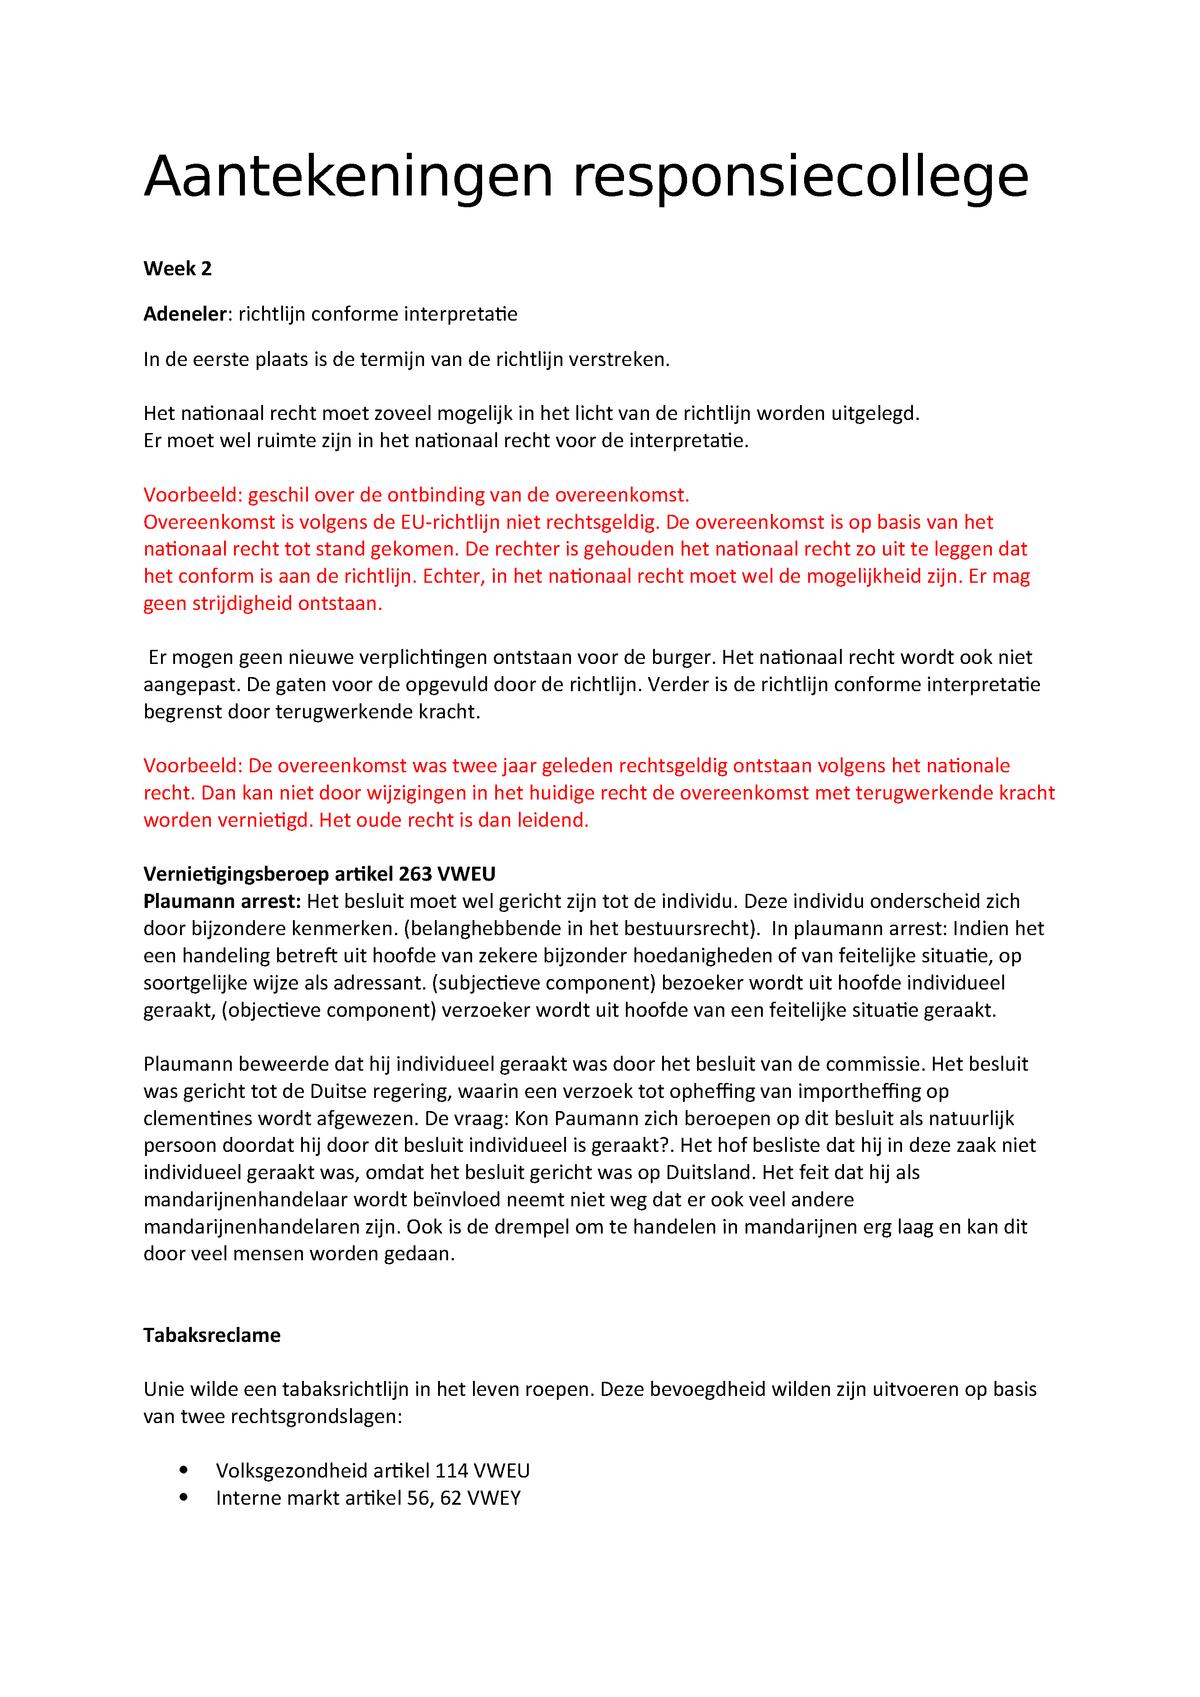 Aantekeningen Responsiecollege European Union Law W330